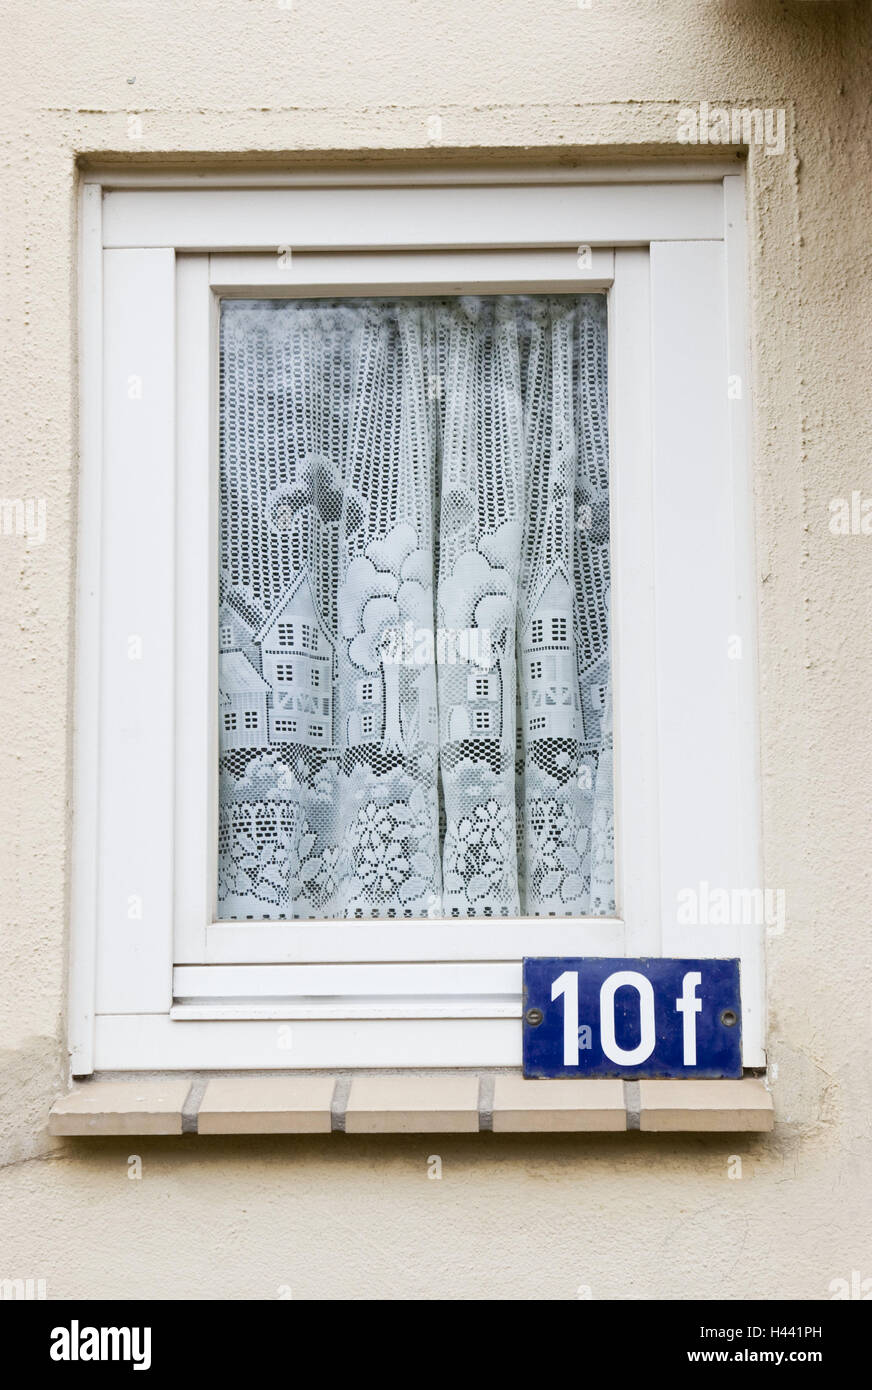 Haus, Fenster, Hausnummer, detail, draußen, außen Wand, Wand ...